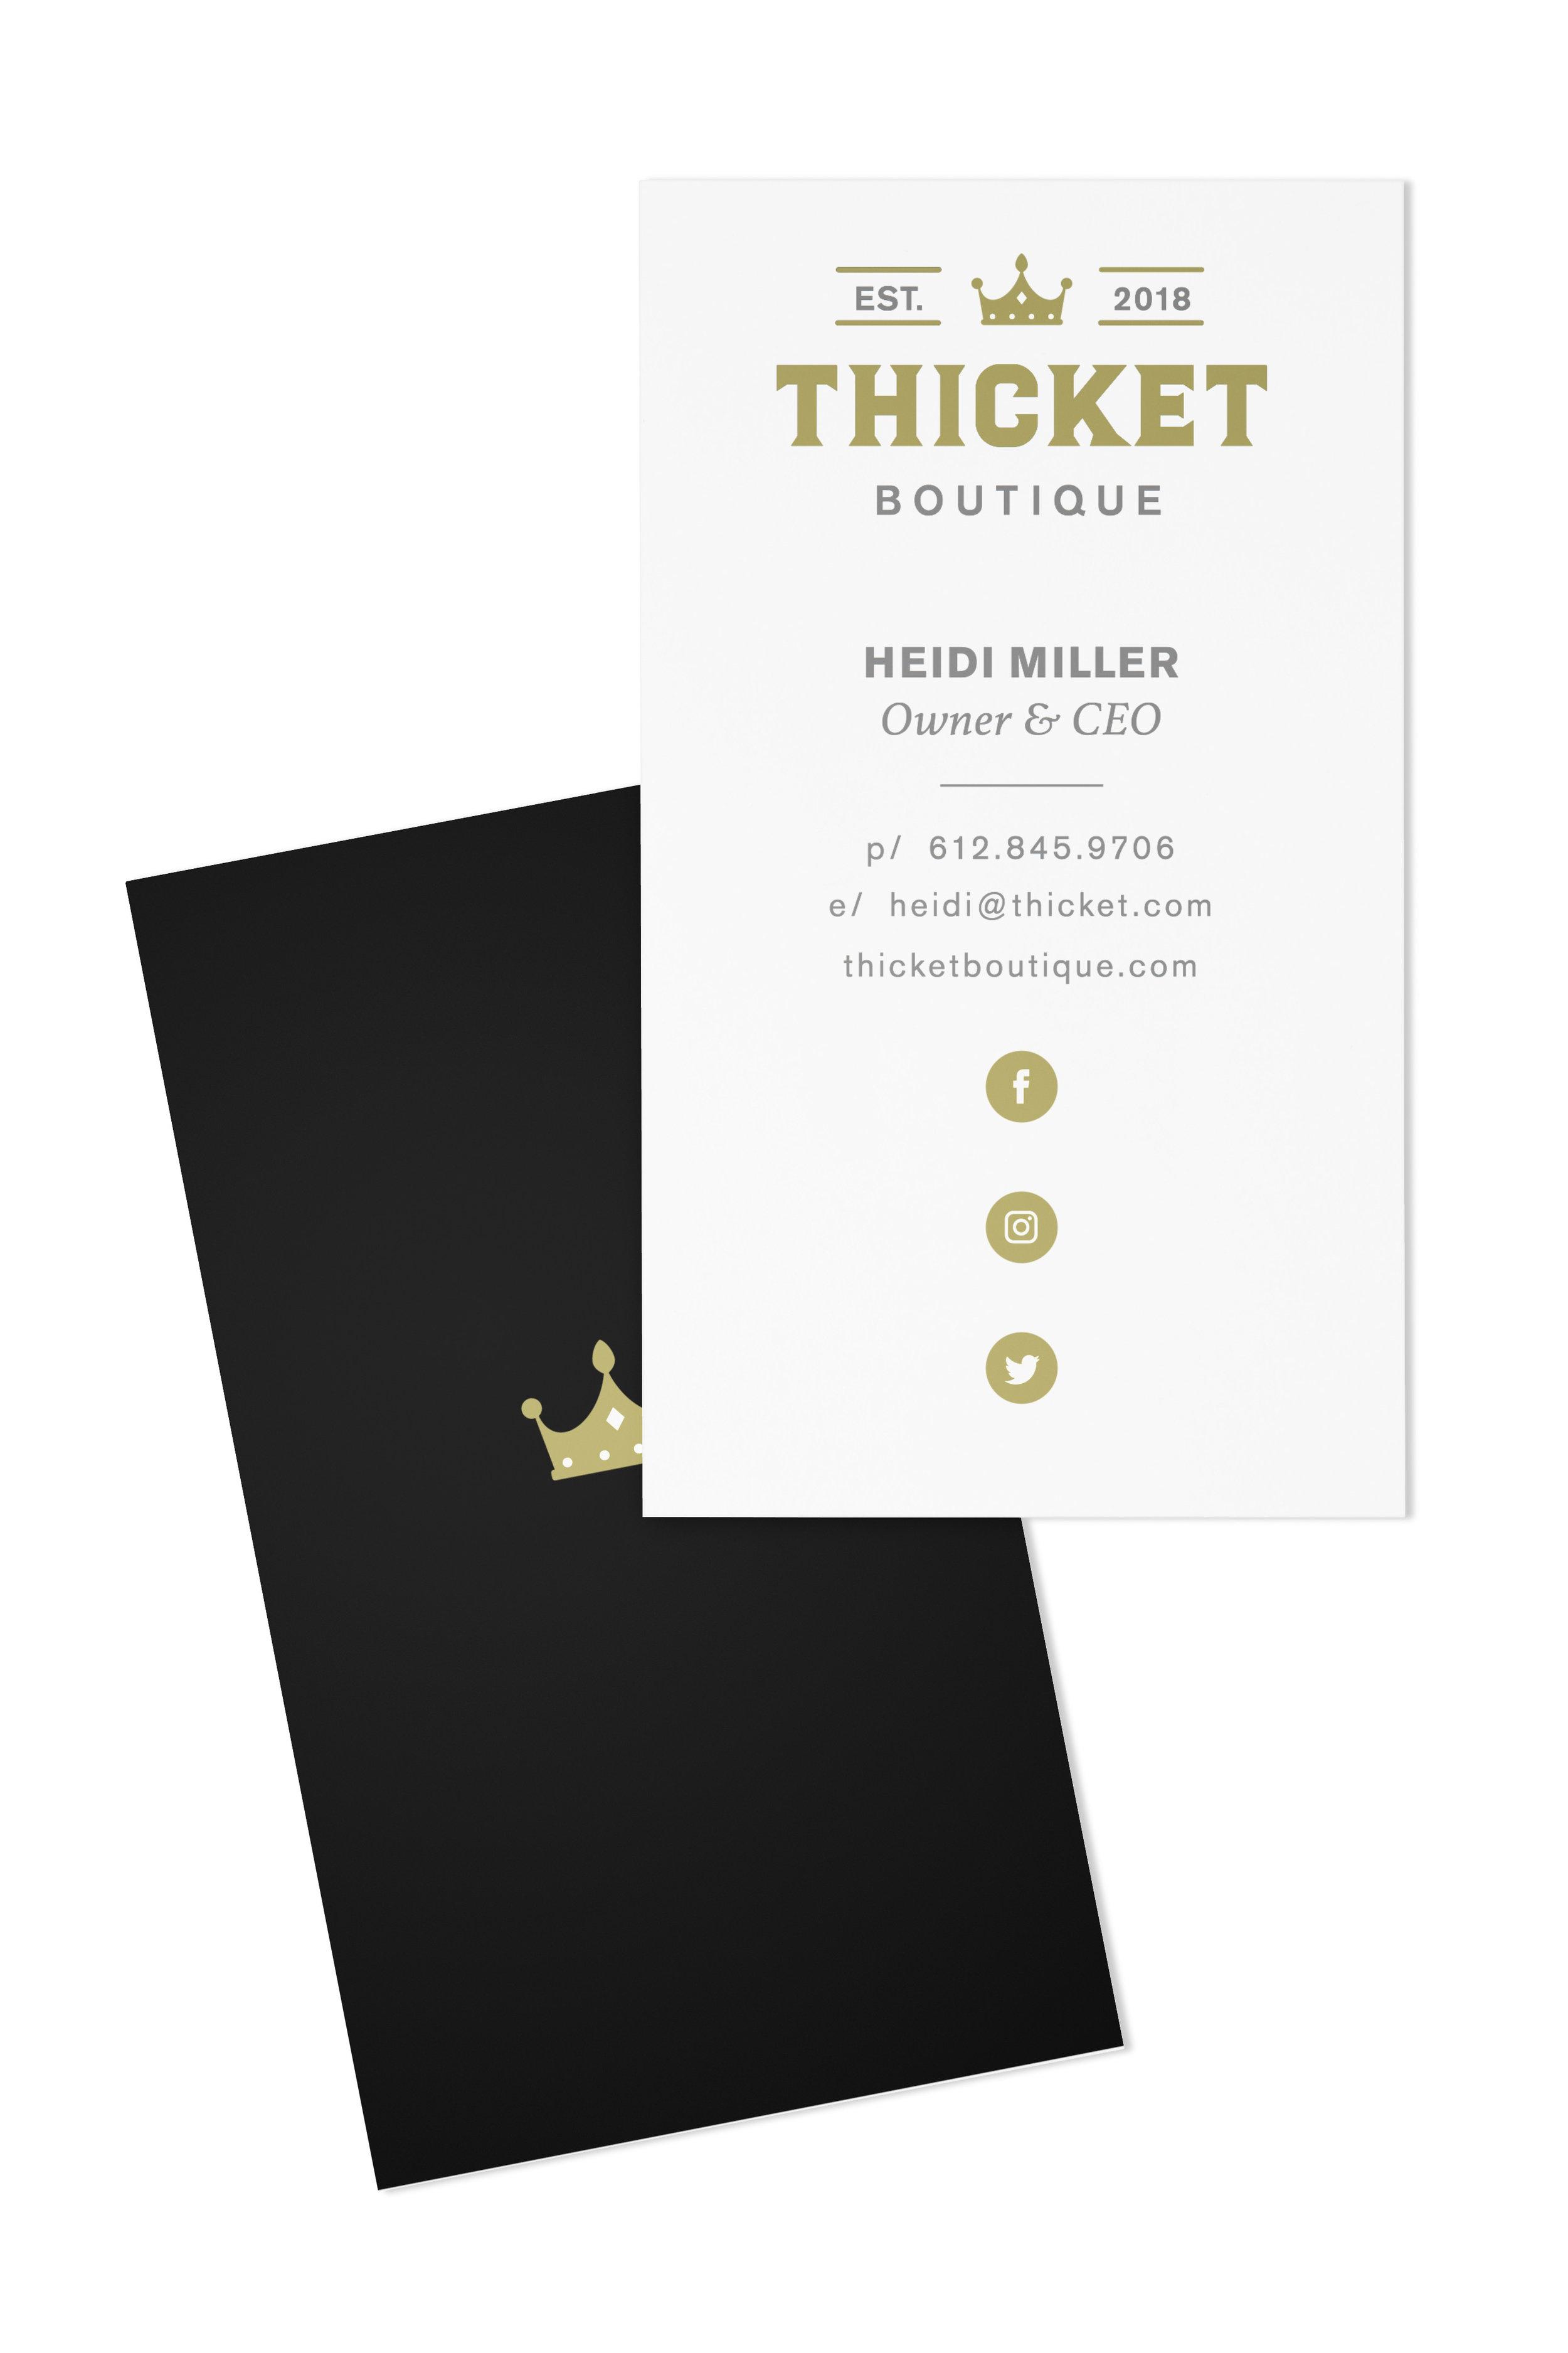 Business Card 0377 2017-06-22.jpeg